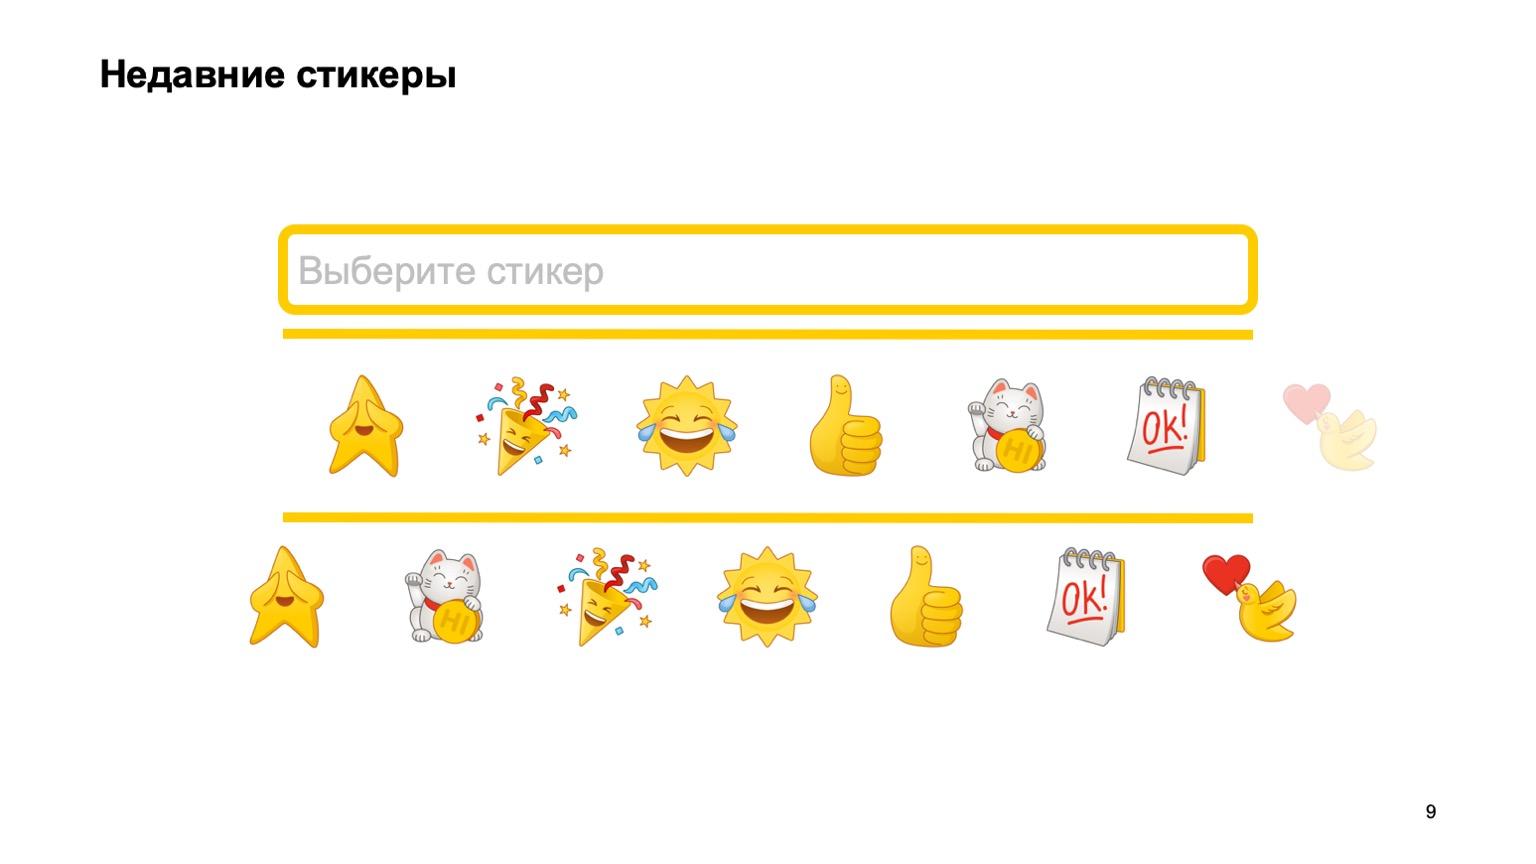 Мобильная разработка — это просто и скучно? Доклад Яндекса - 9